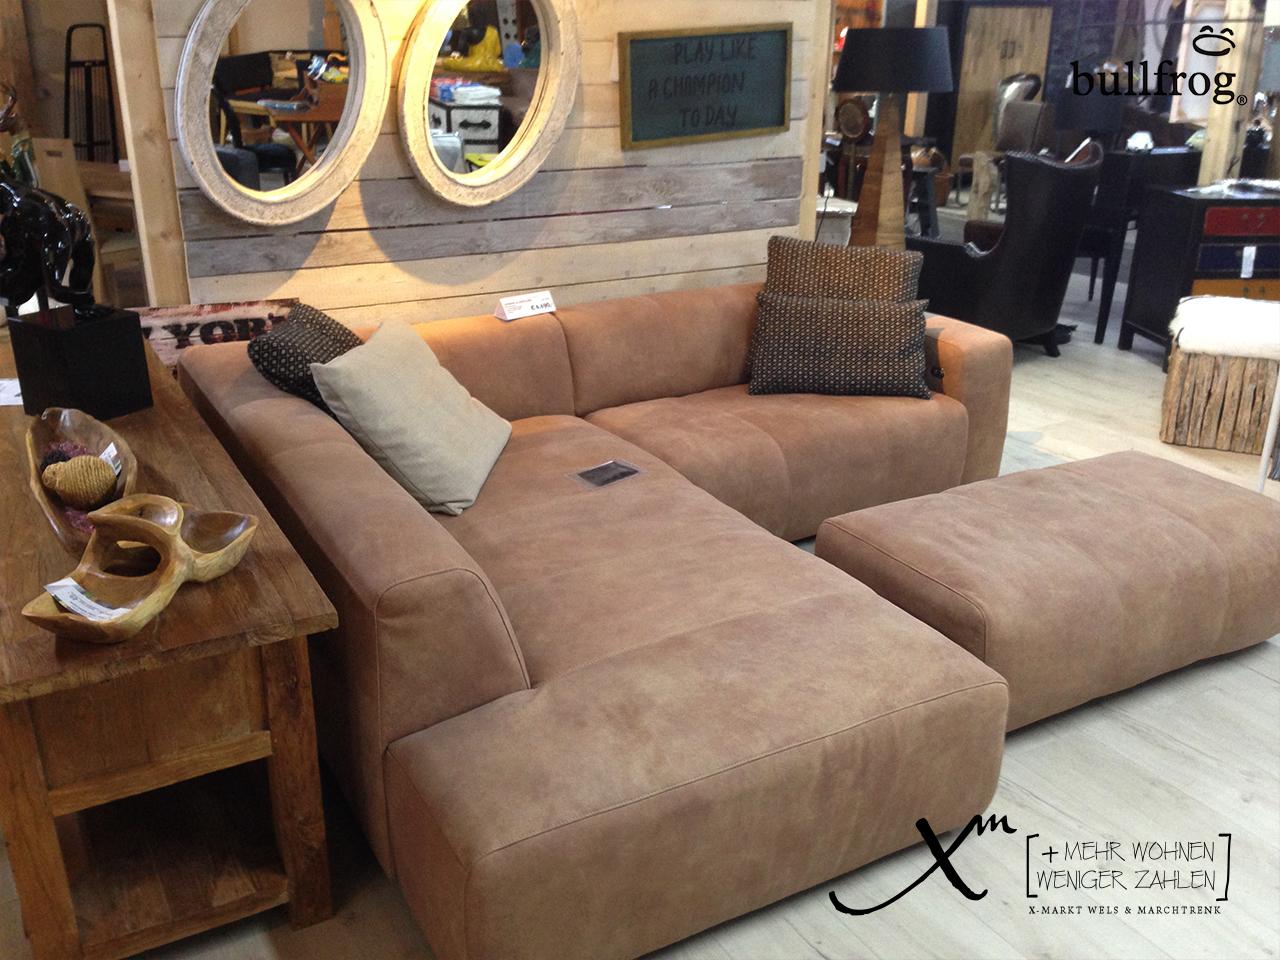 bullfrog sofa camp. Black Bedroom Furniture Sets. Home Design Ideas